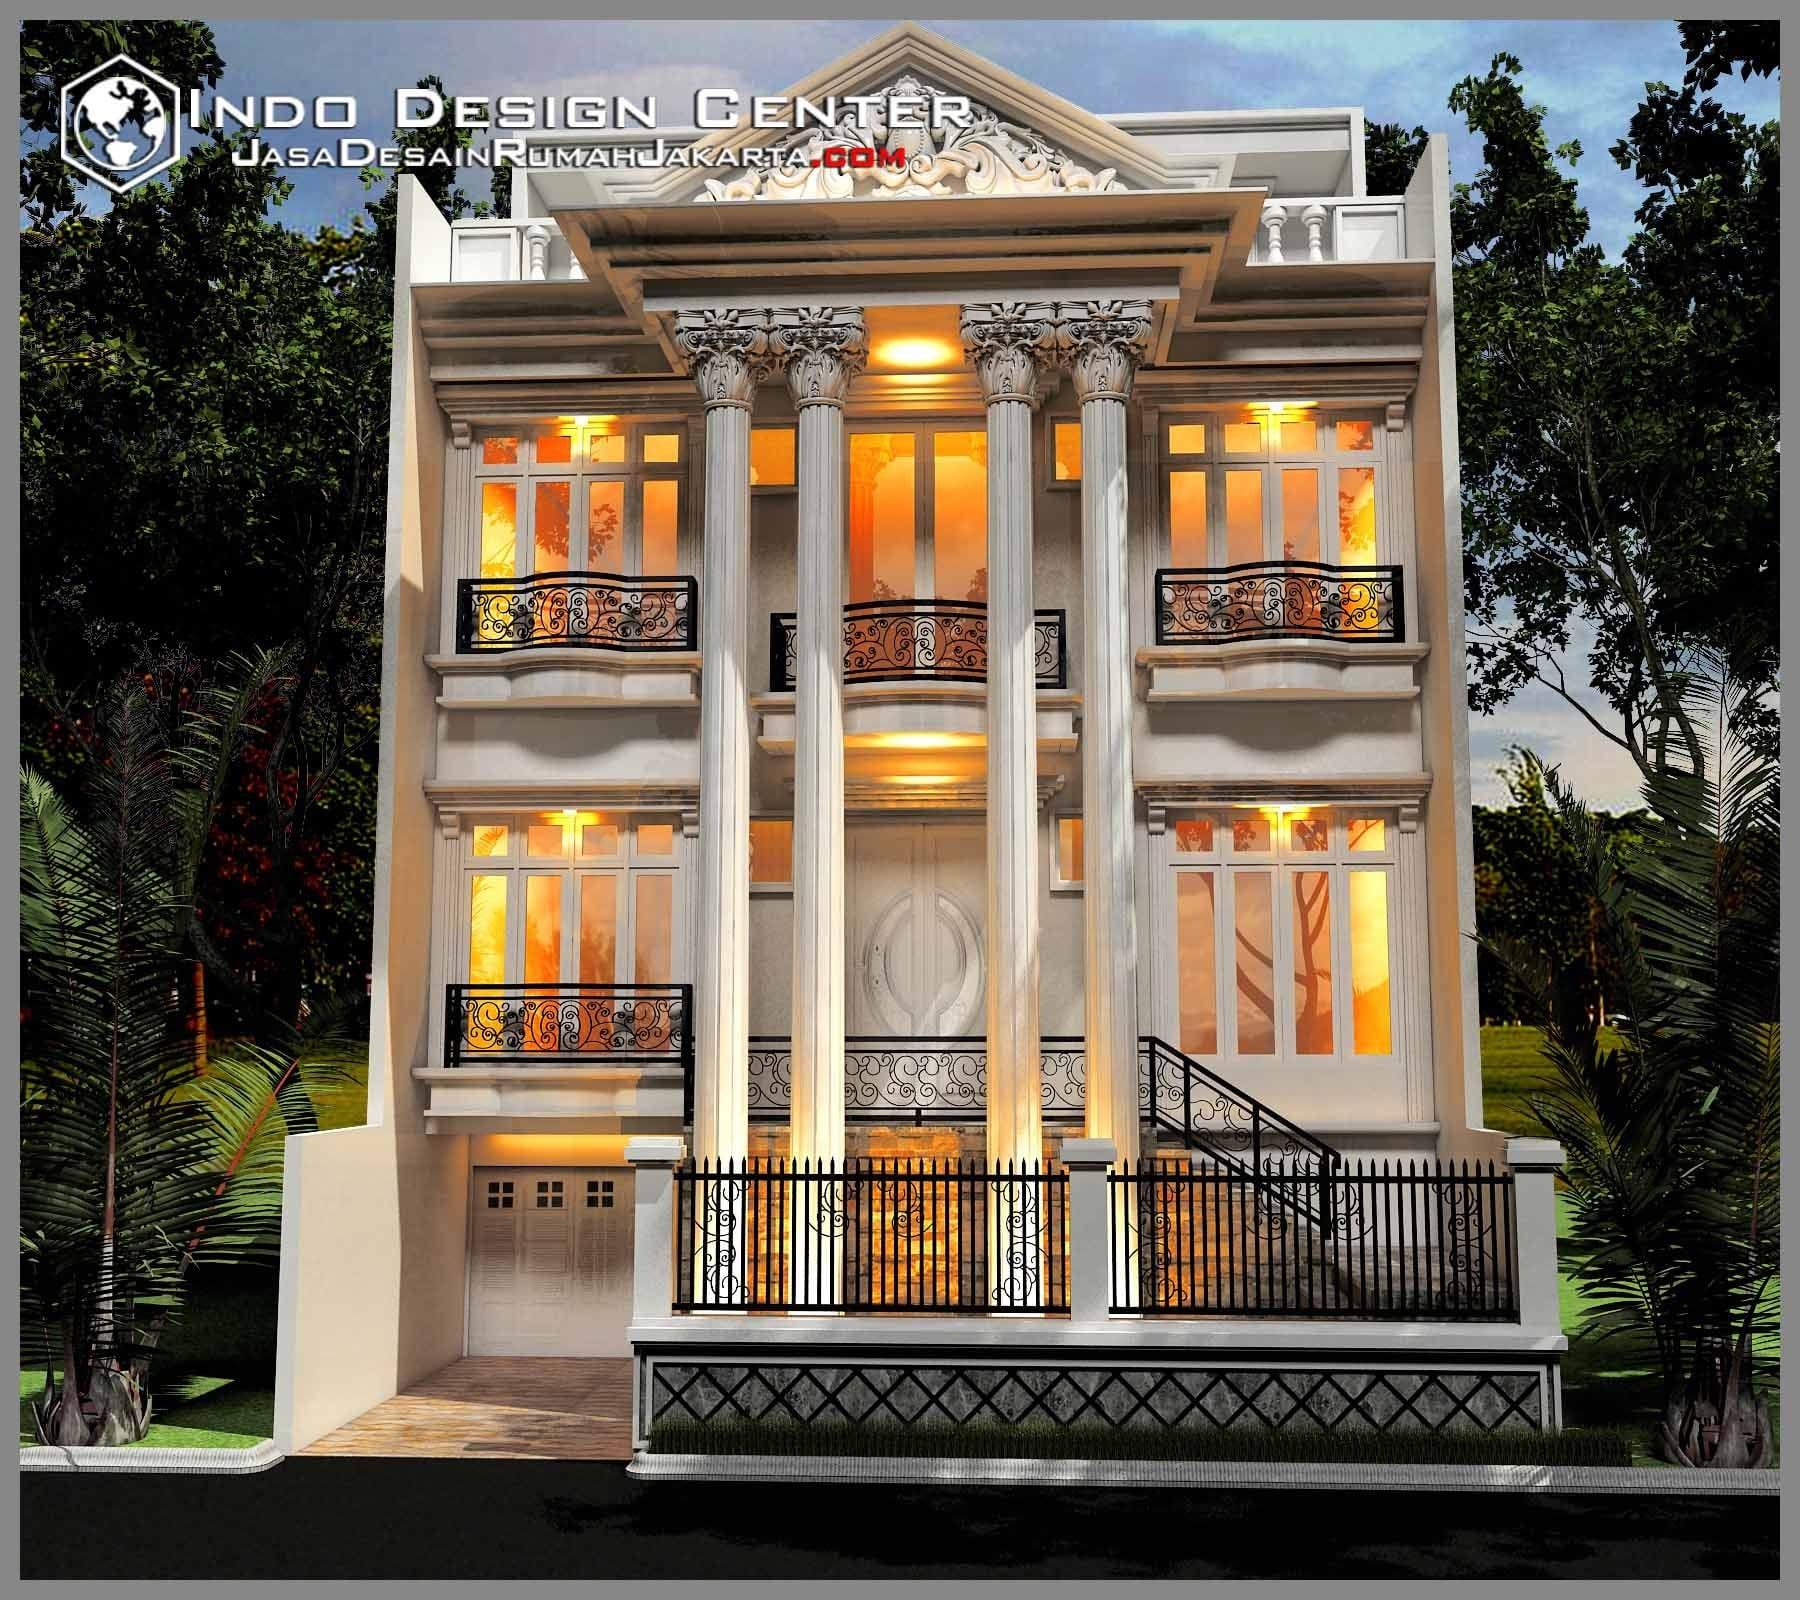 Cantik Desain Rumah Mewah Mediterania 2 Lantai 41 Menciptakan Ide Merombak Rumah Kecil dengan Desain Rumah Mewah Mediterania 2 Lantai